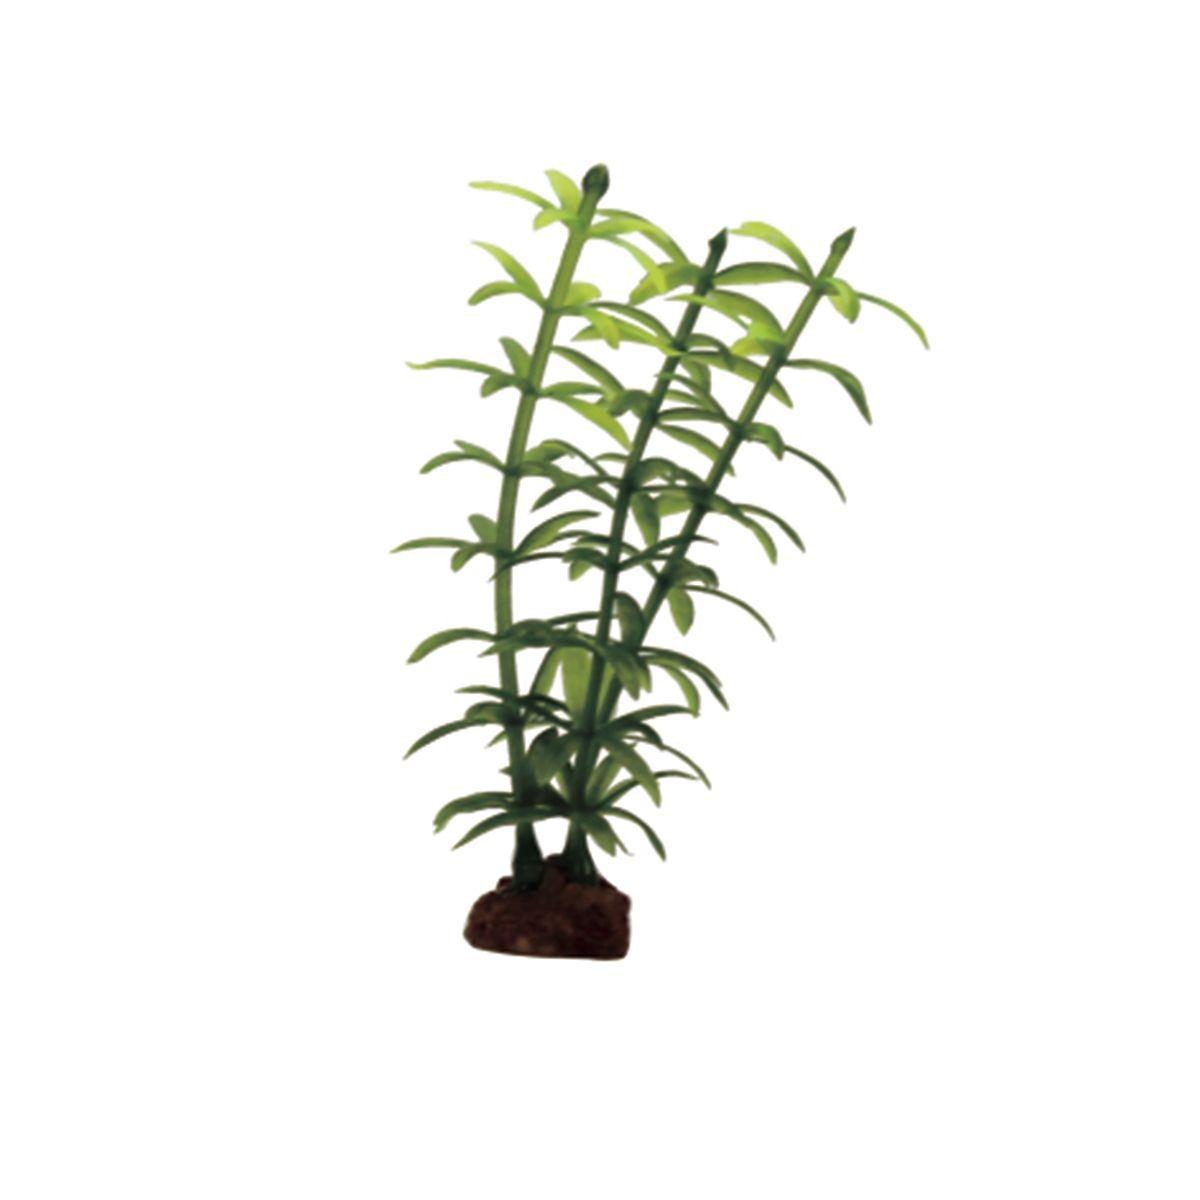 Растение для аквариума ArtUniq Элодея, высота 10 см, 6 штART-1170510Растение для аквариума ArtUniq Элодея, высота 10 см, 6 шт